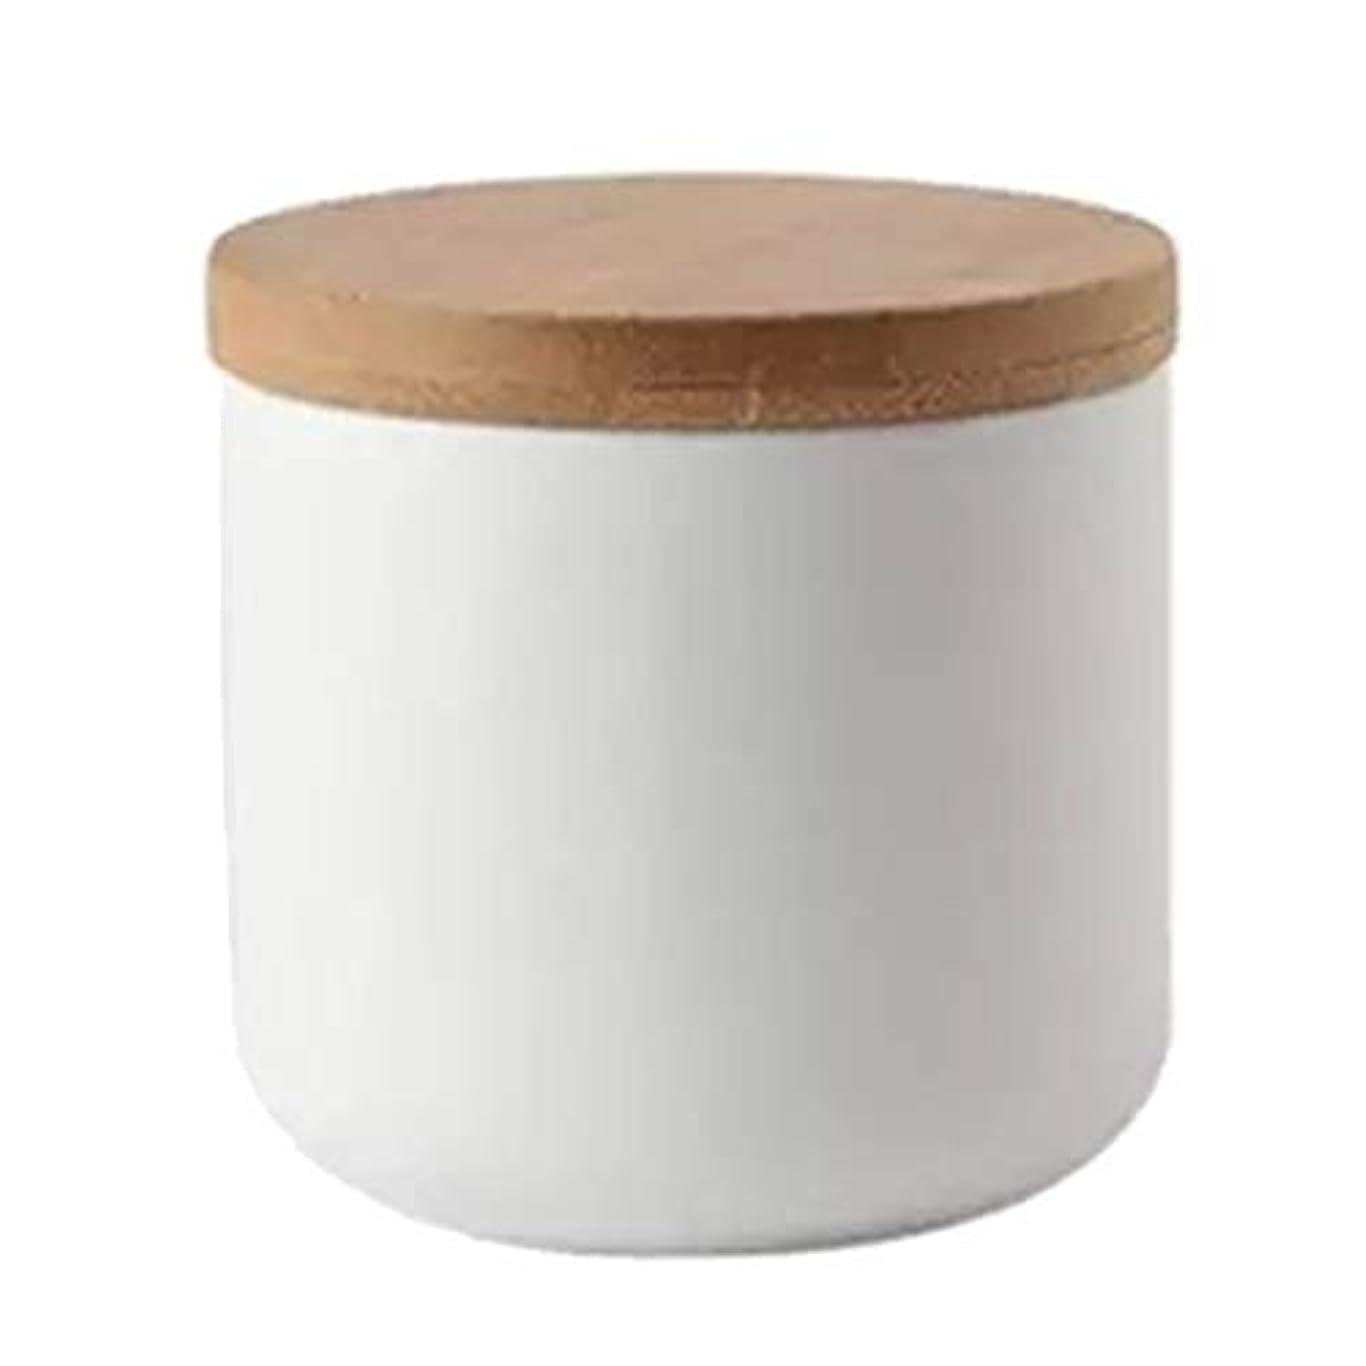 したがって開発するいいね化粧品ポット 収納 ボウル ネイルアートリムーバー アルコール ネイルリキッド パウダー コンテナ 全2色 - 白い